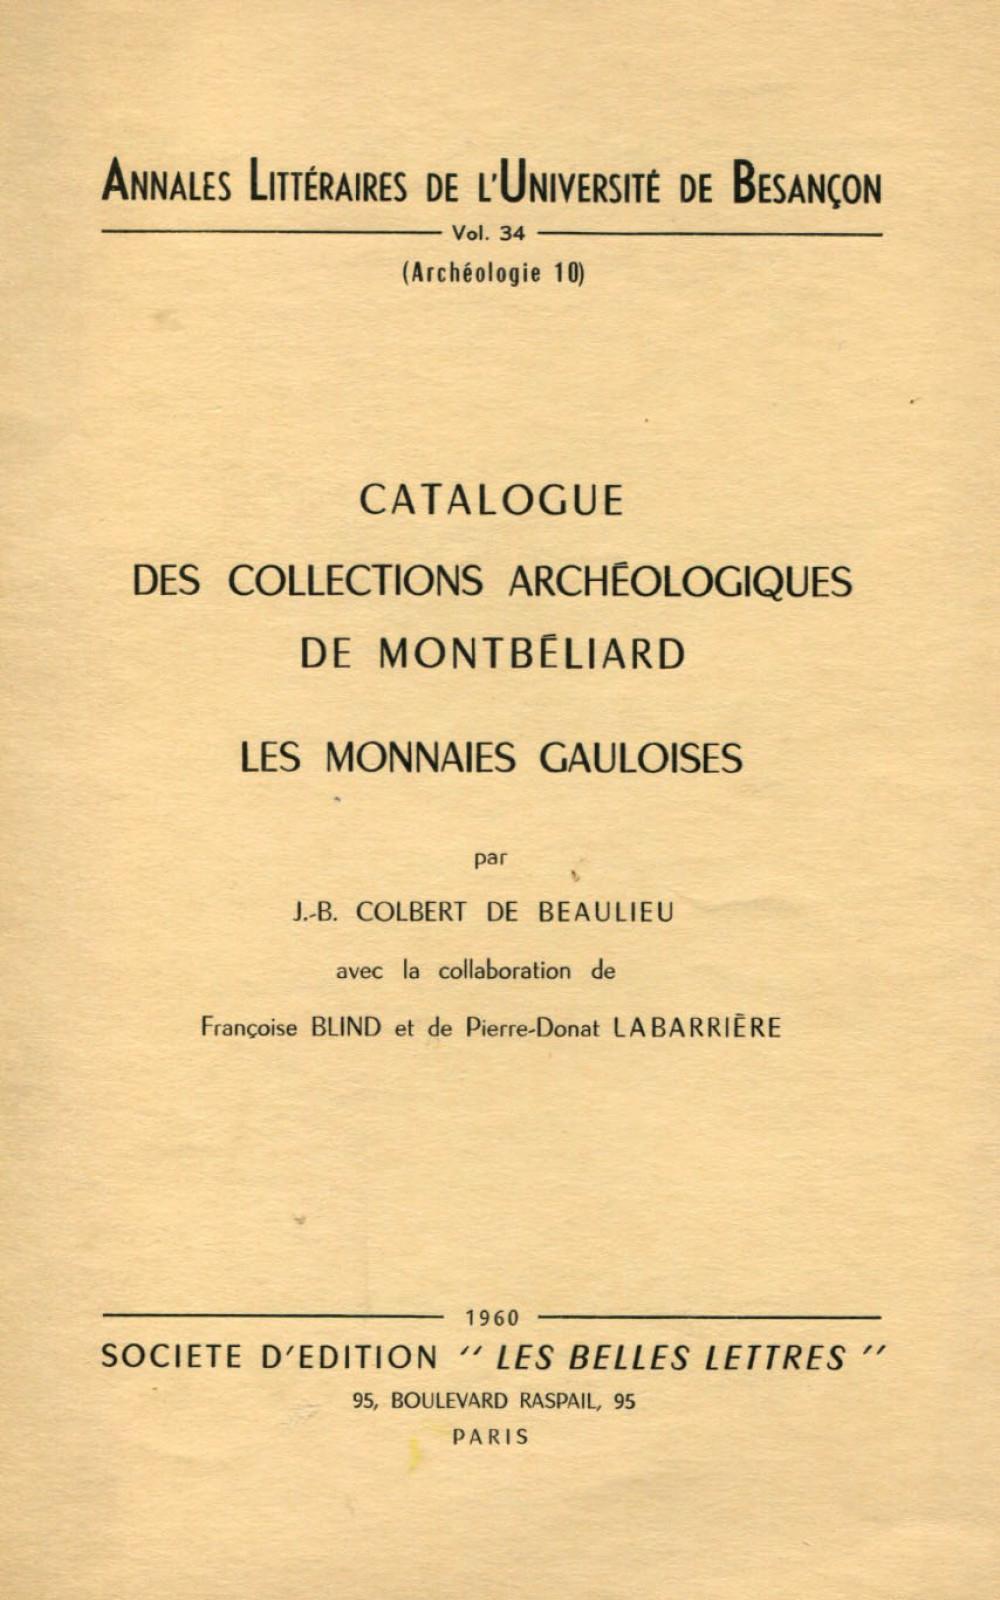 Catalogue des collections archéologiques de Montbéliard